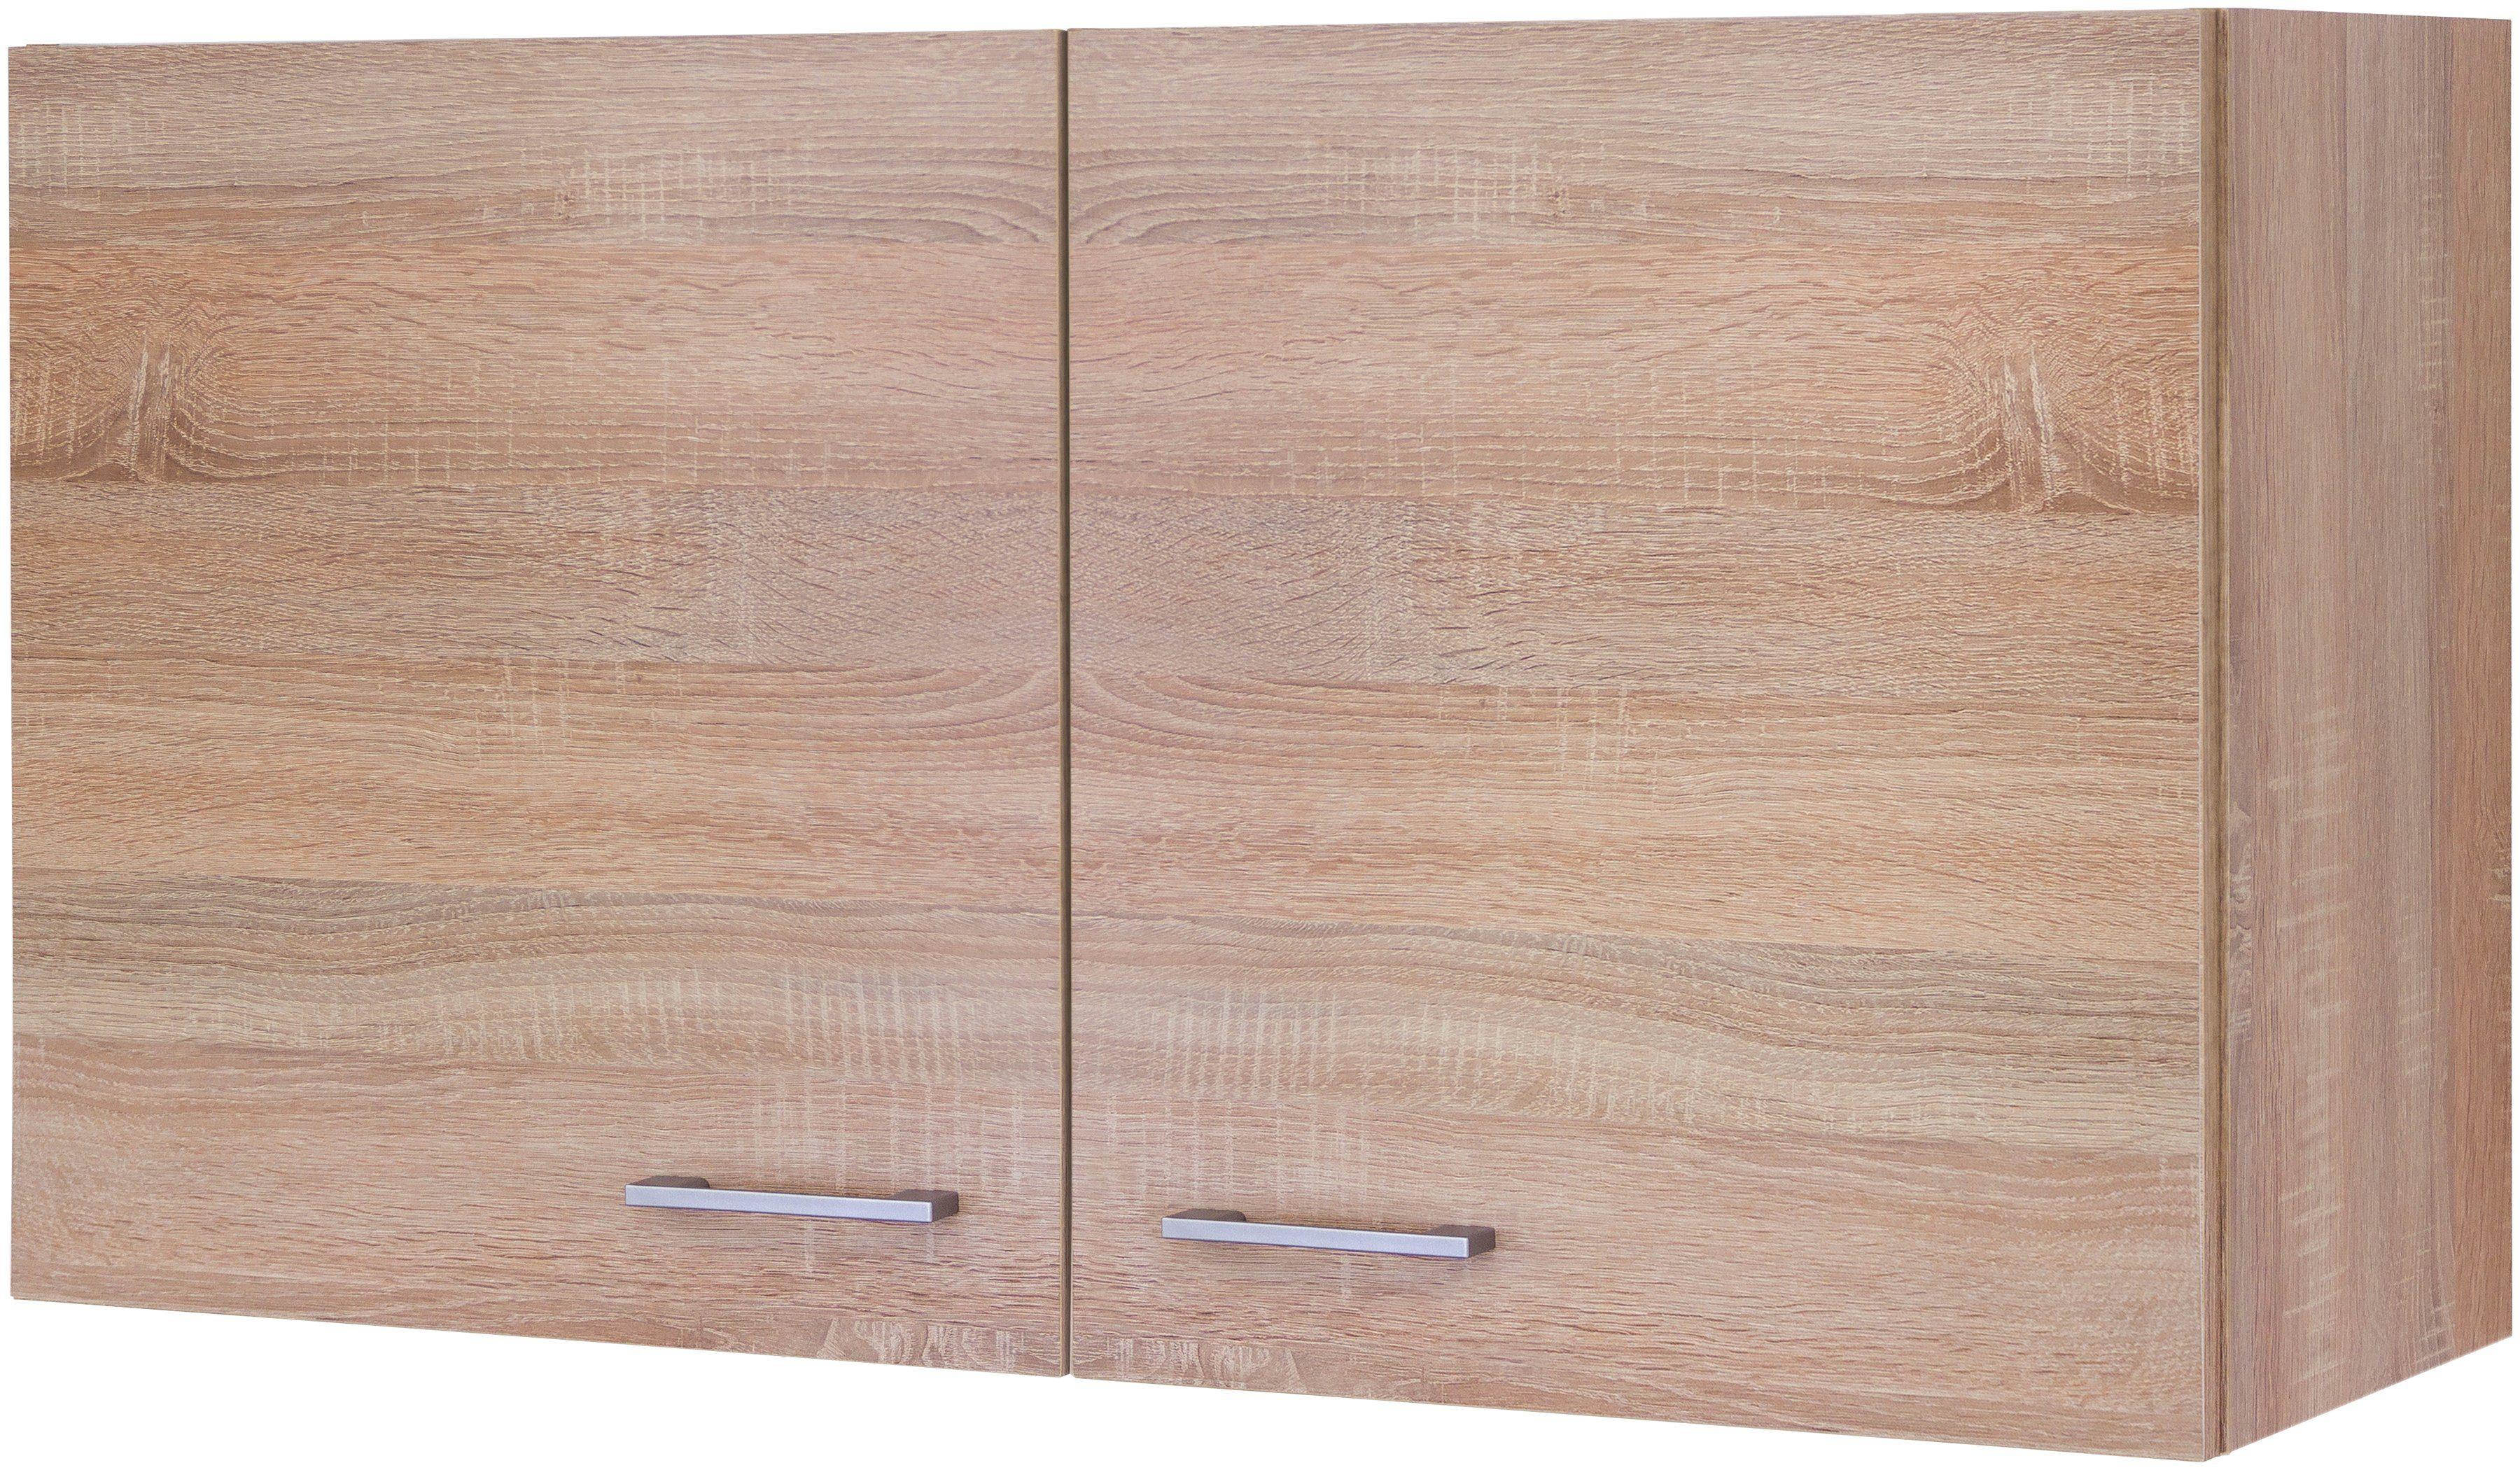 Küchenhängeschrank »Samoa«, Breite 100 cm